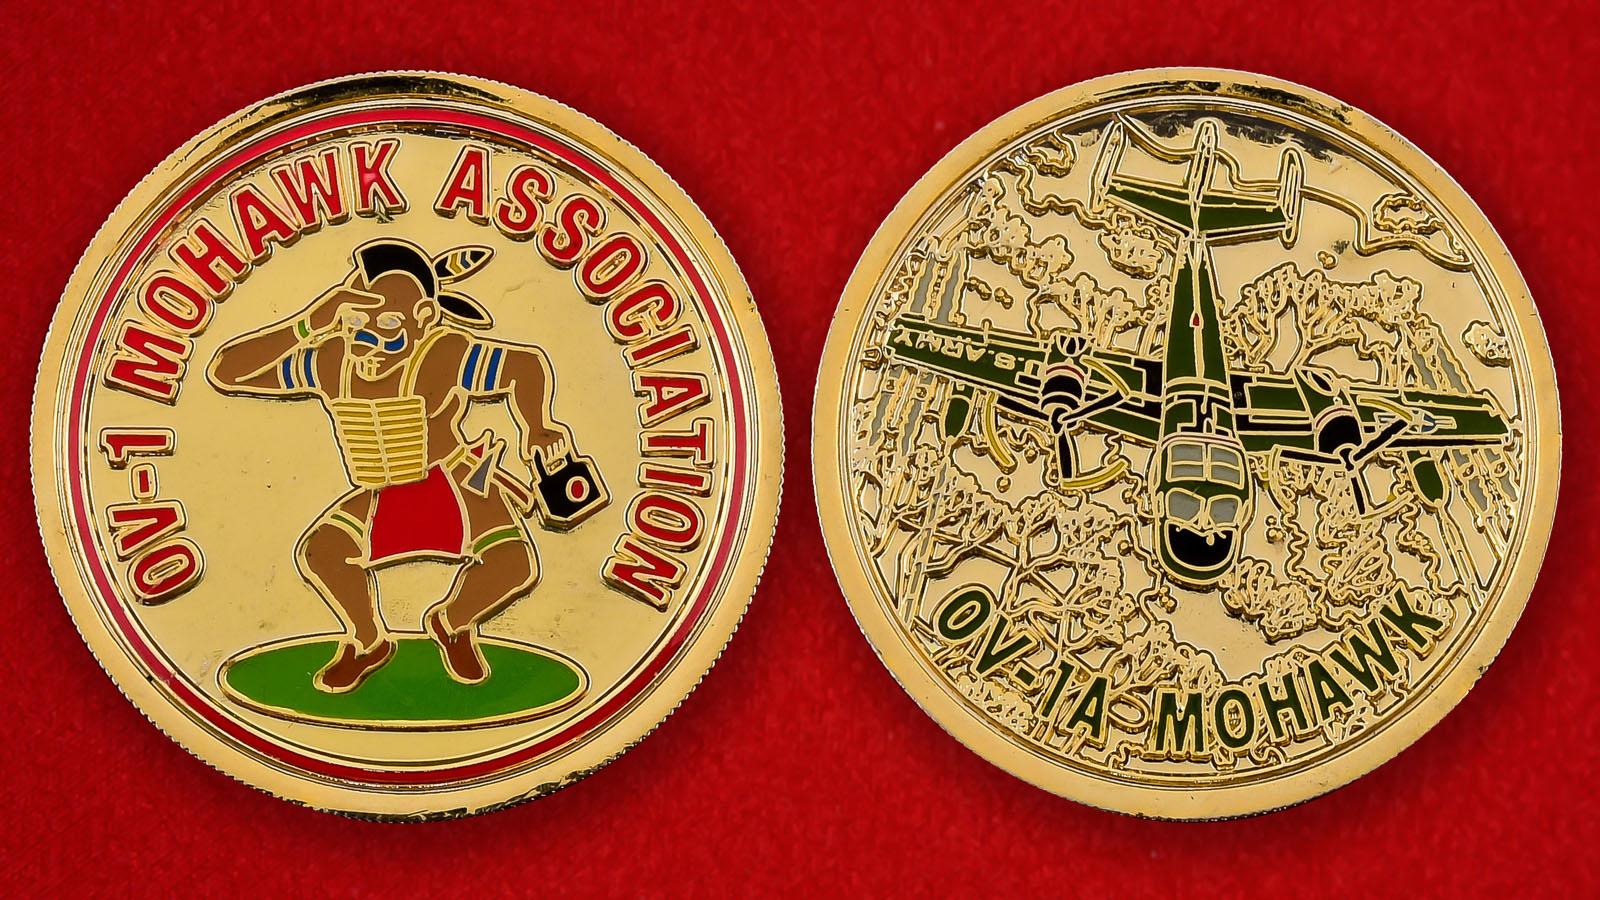 Челлендж коин Ассоциации пилотов ударного самолета ВВС США OV-1 Mohawk